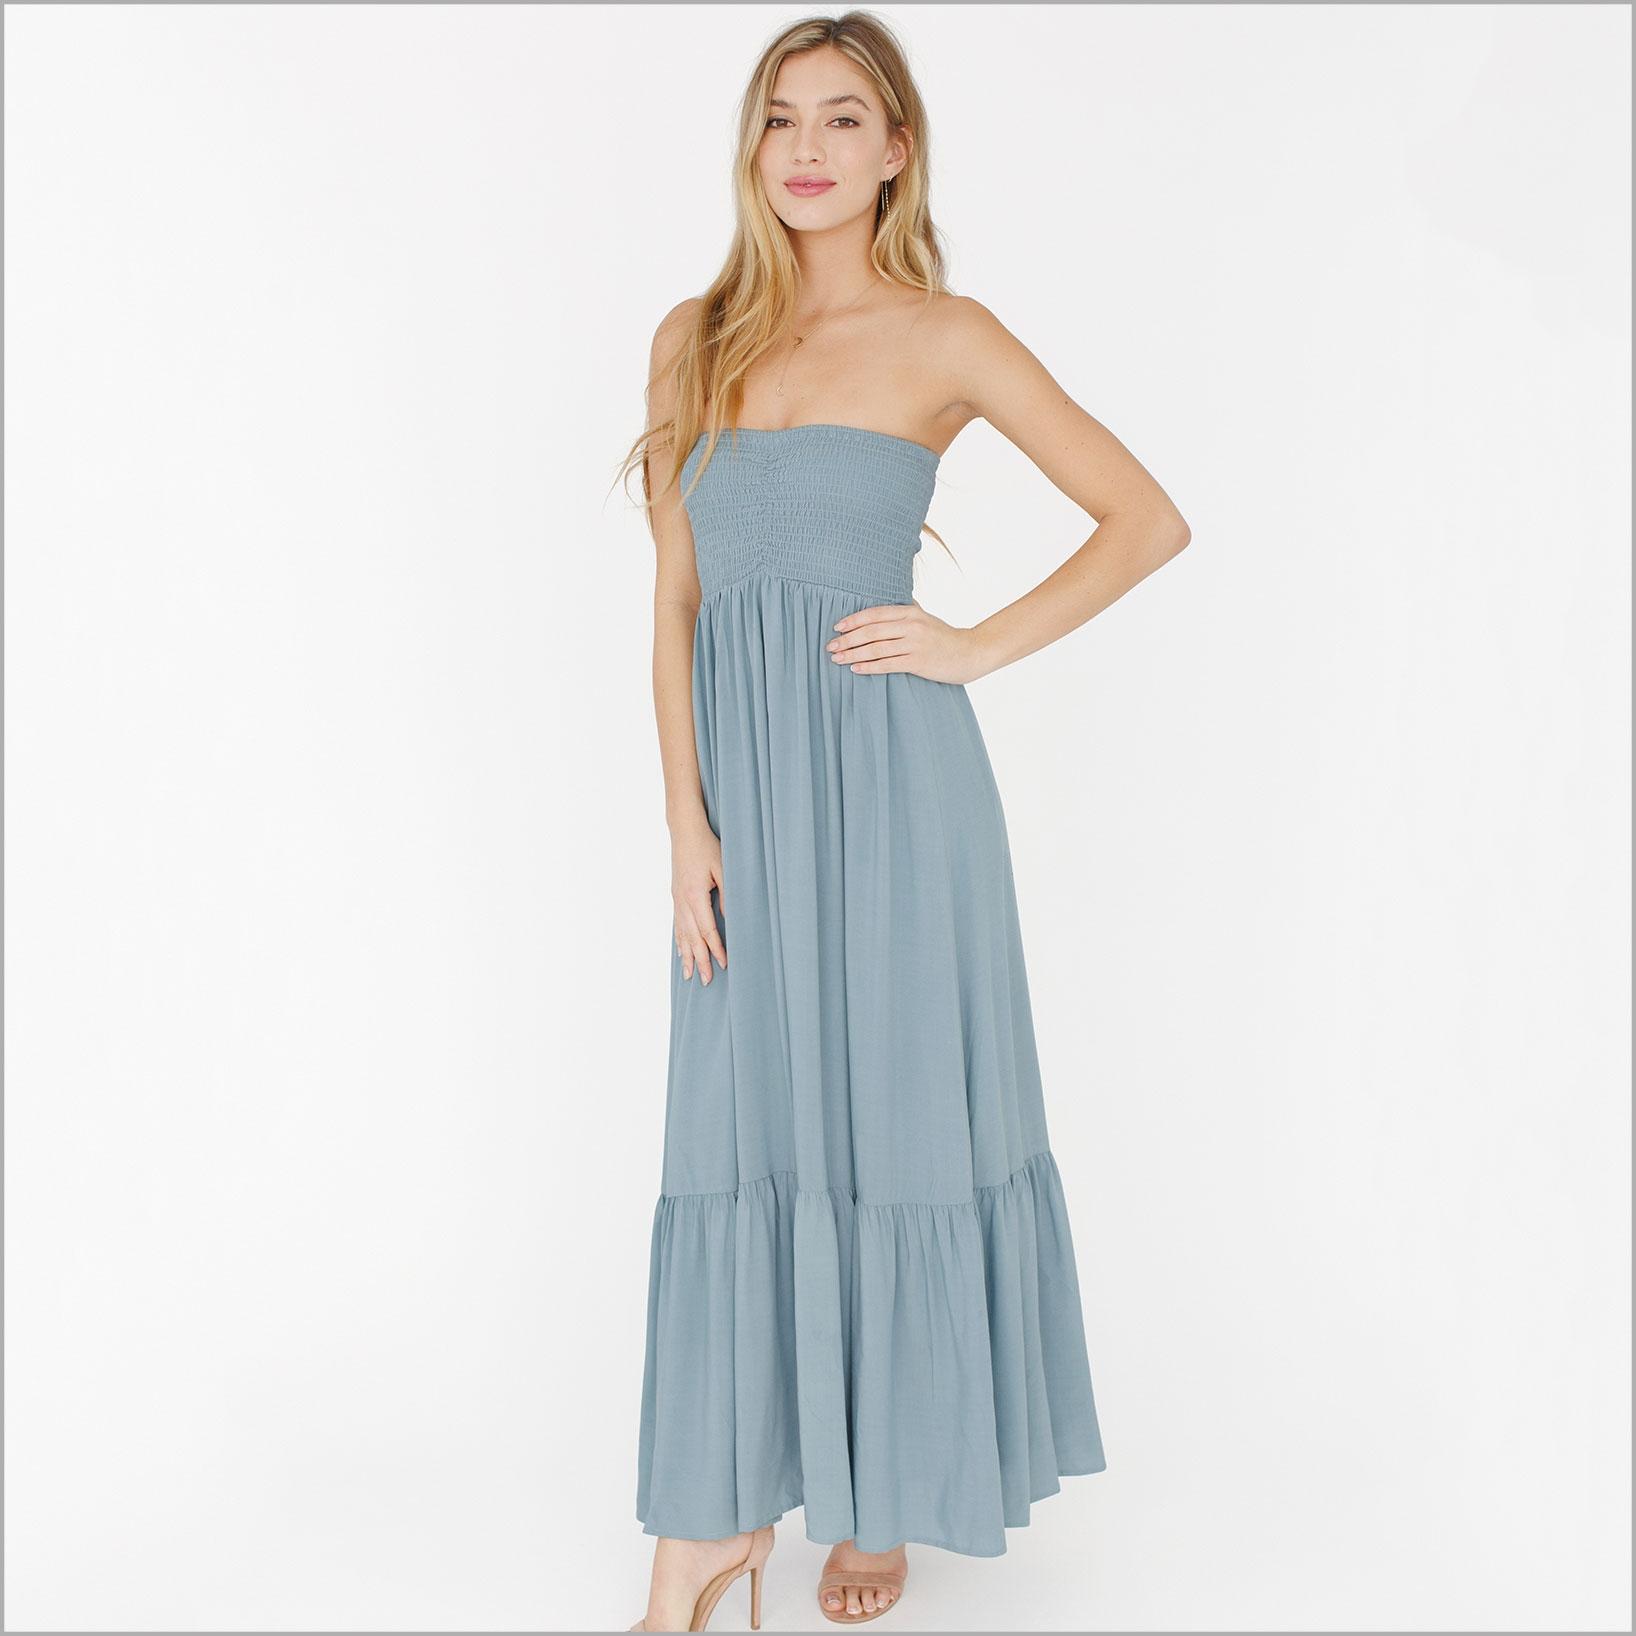 Lolo Dress - Vesper